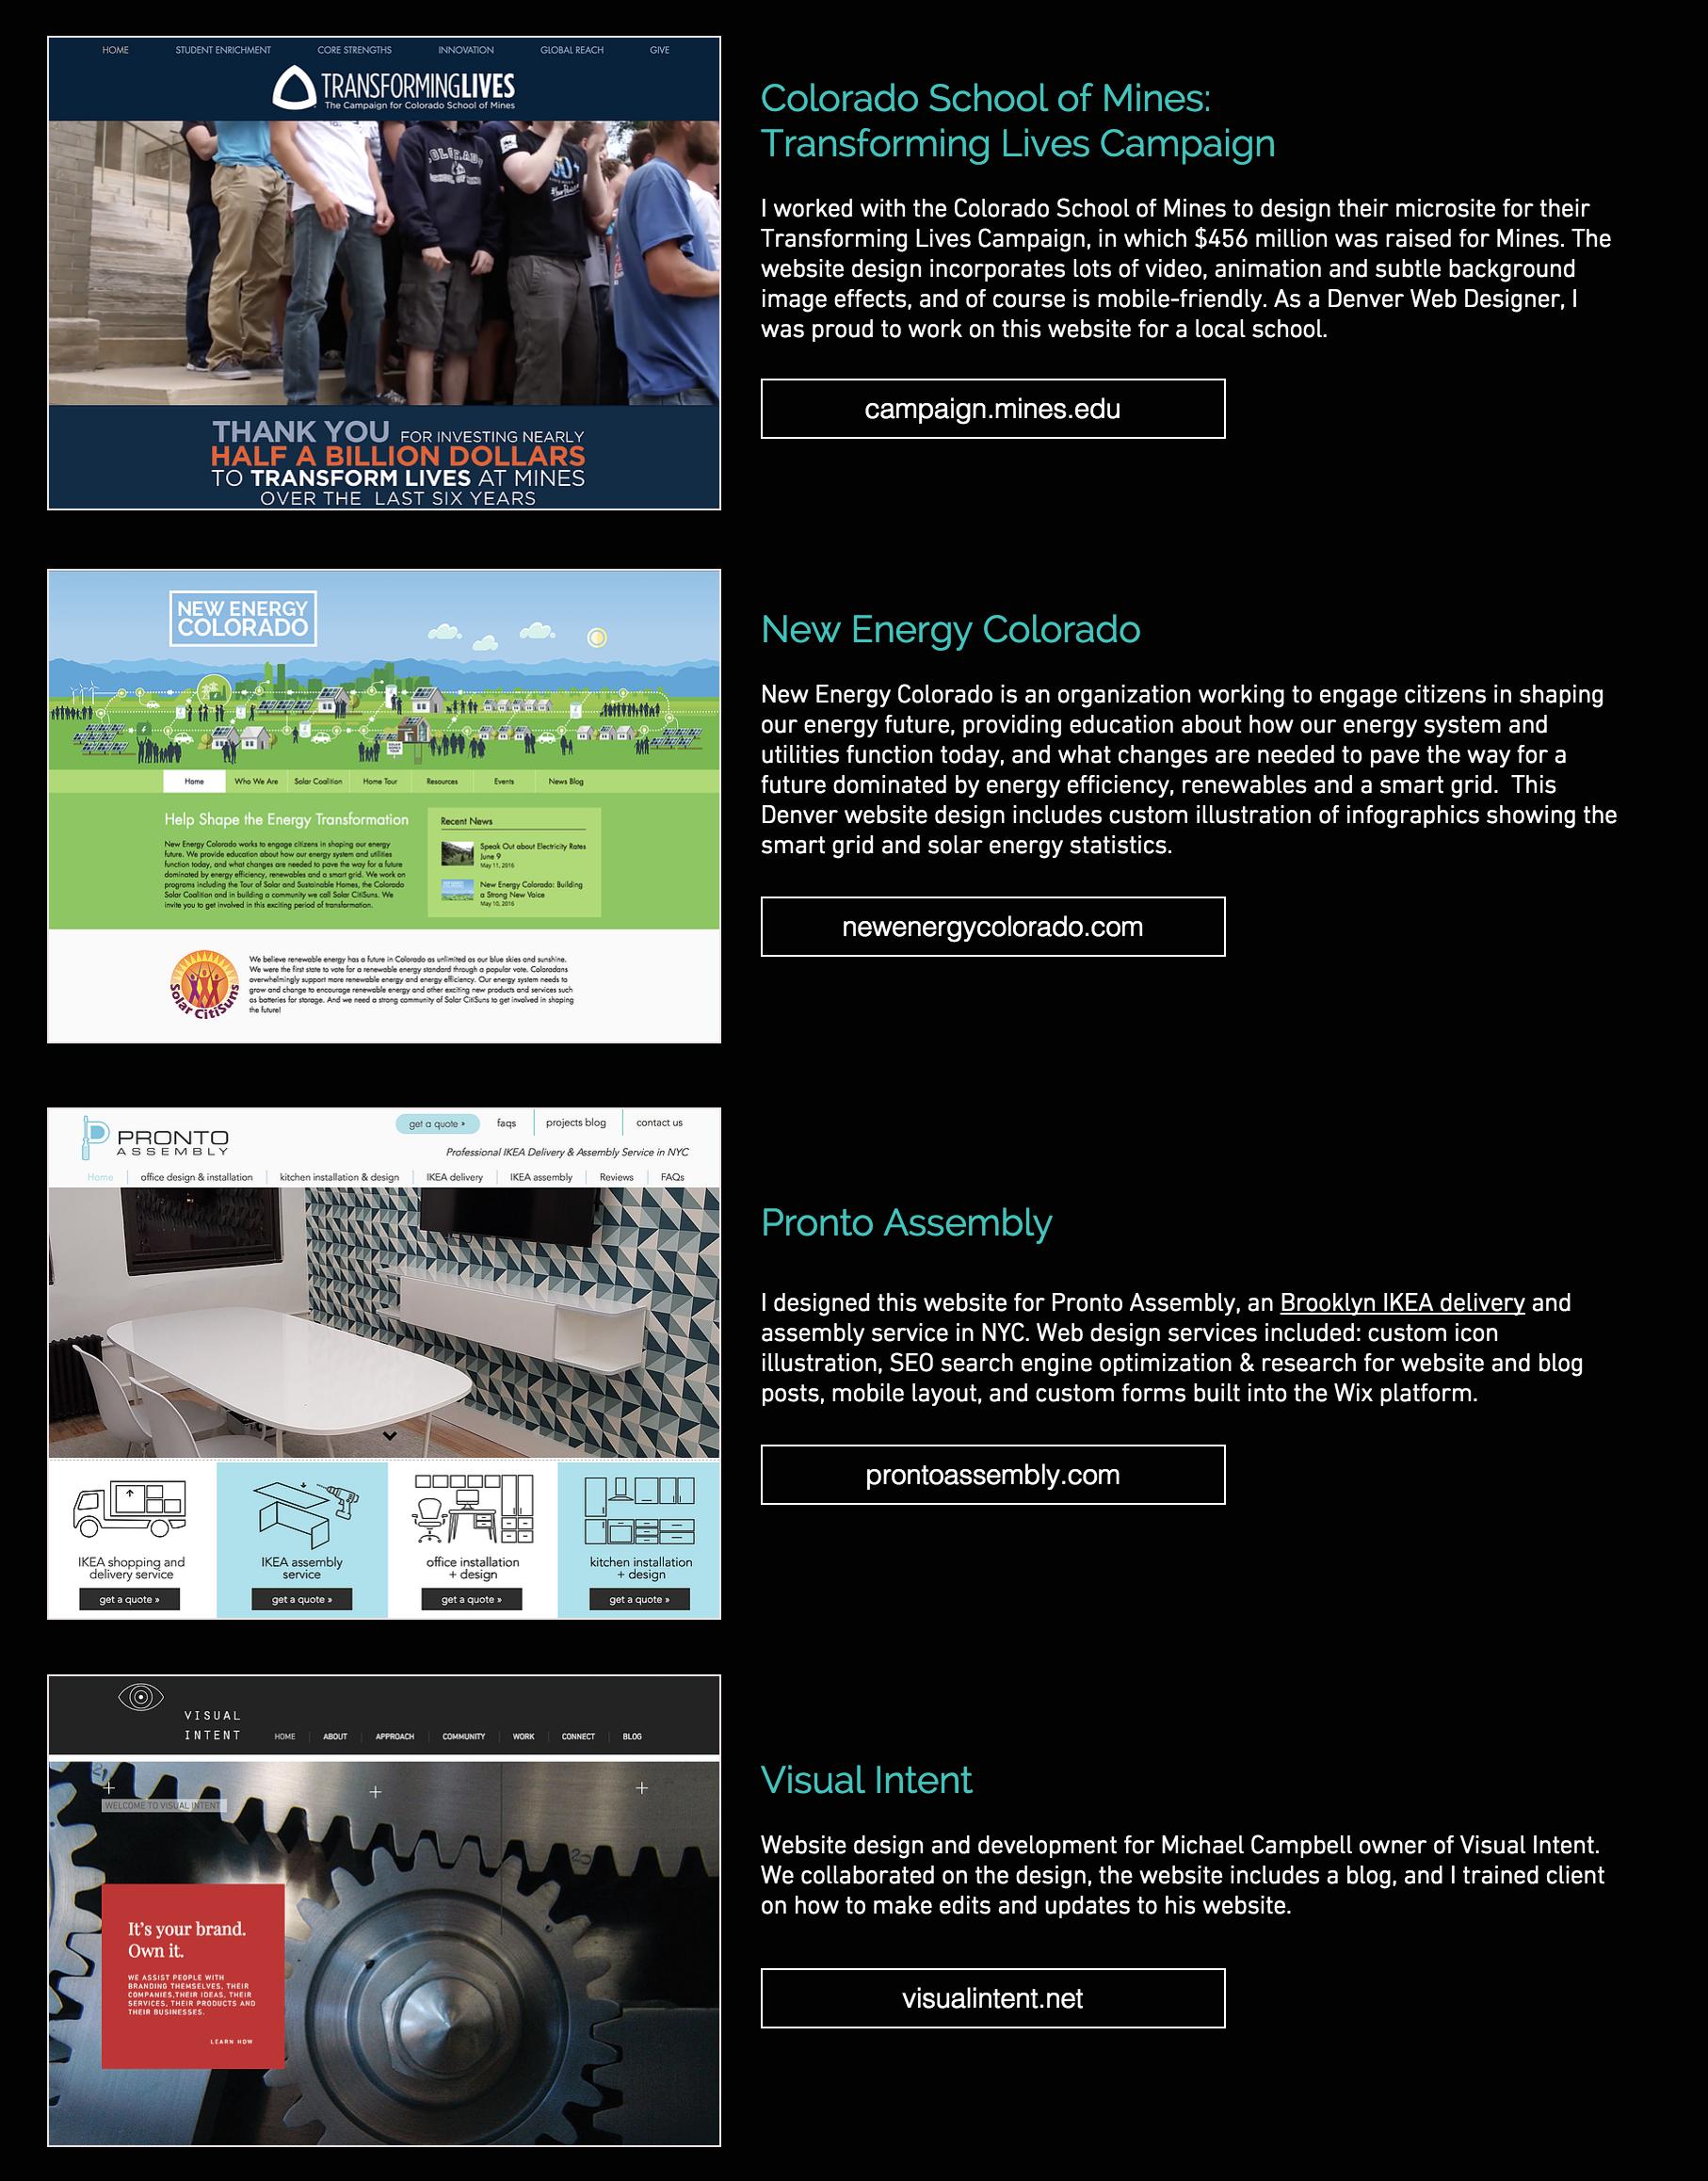 Wix Website Designer Portfolio By A Denver Web Designer Www Picklewix Com Portfolio Wix Website Design Portfolio Web Design Wix Web Design